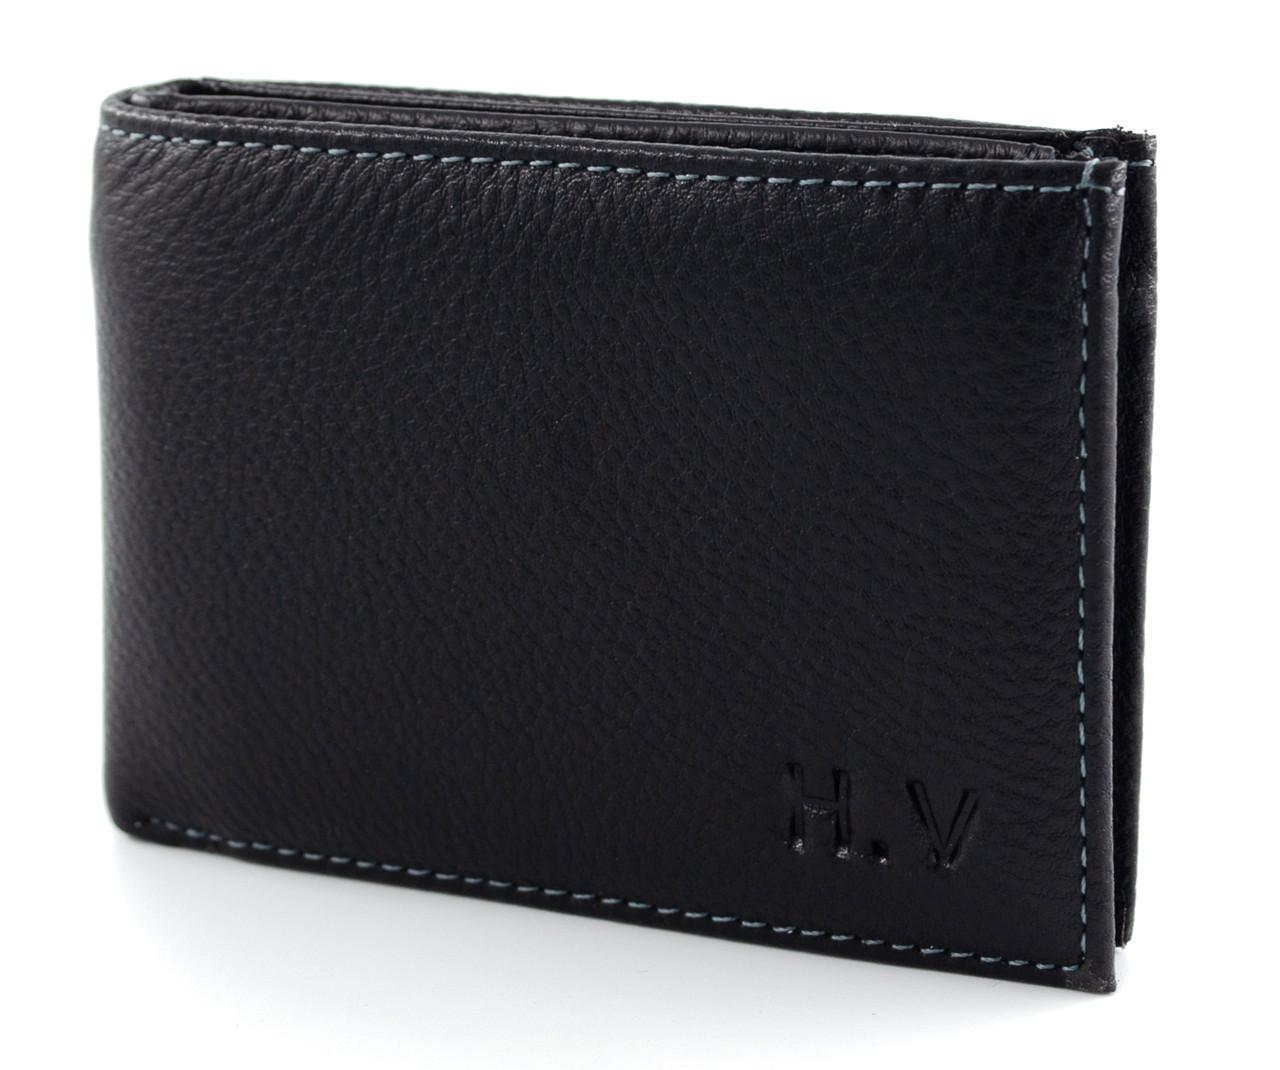 Стильный горизонтальный кожаный мужской портмоне с зажимом в черном цвете H.verde Верде (070)